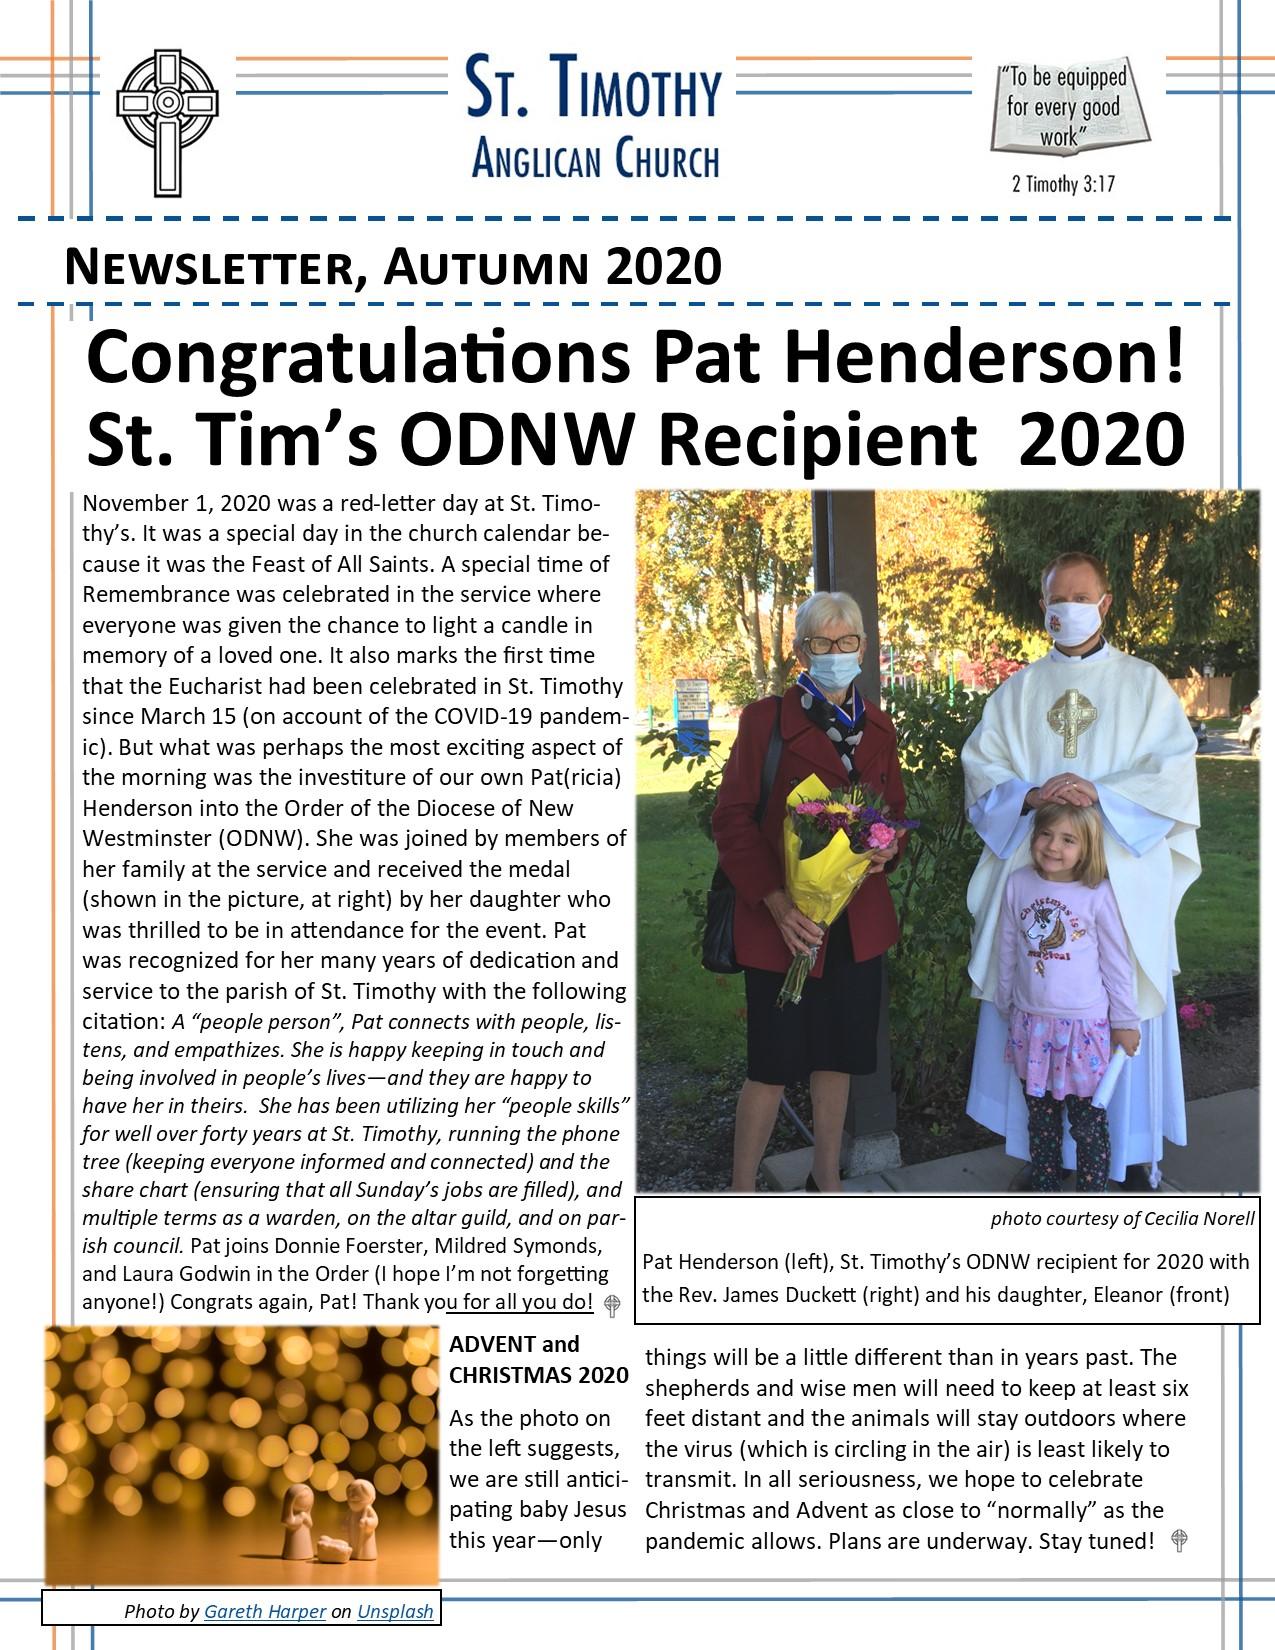 Newsletter: Autumn/Winter 2020